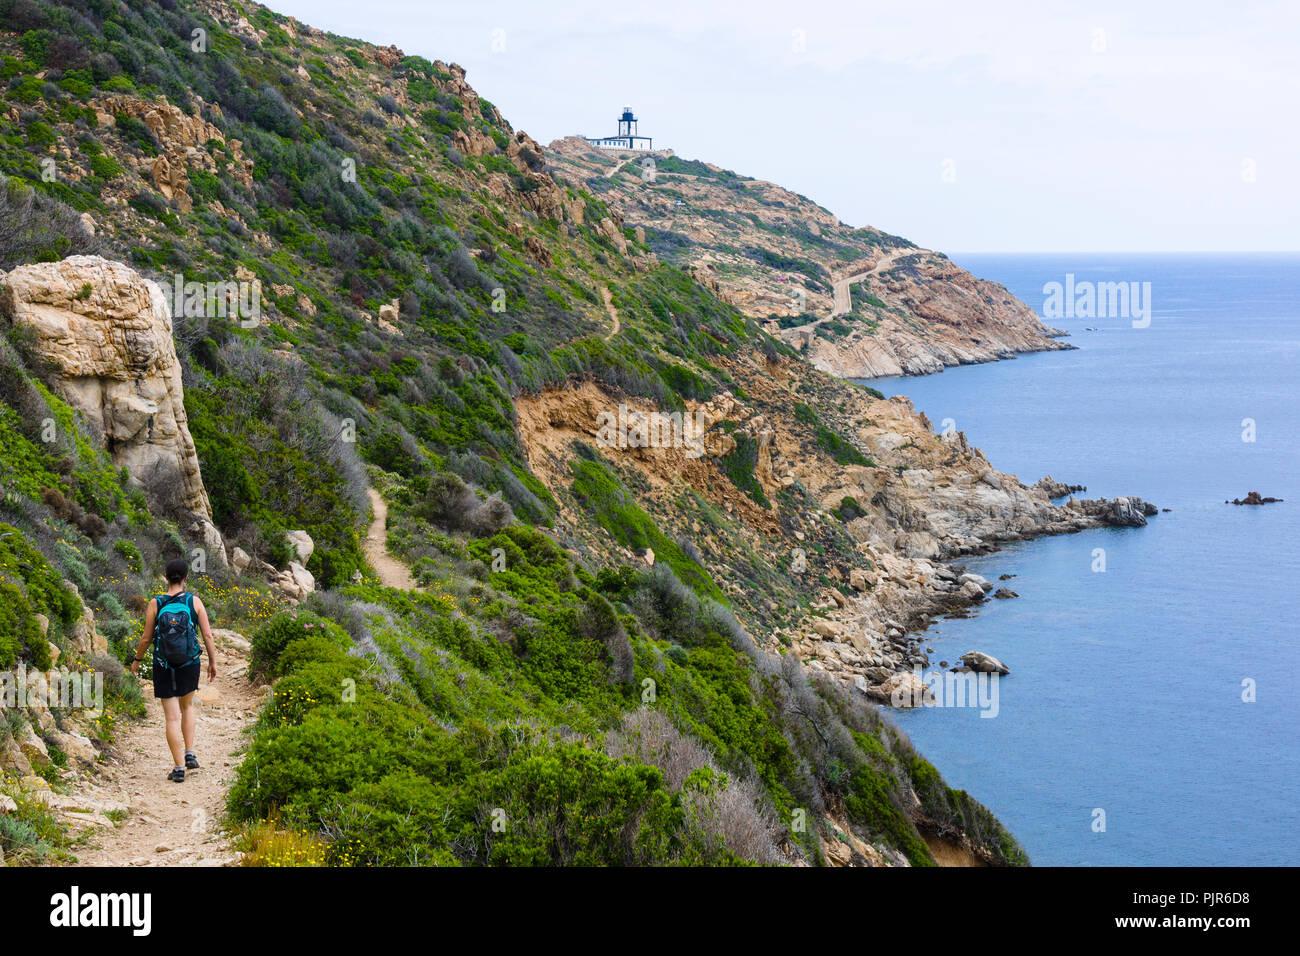 Sentier de la Revellata hiking trail, Pointe de la Revellata, Calvi, Corsica, France - Stock Image